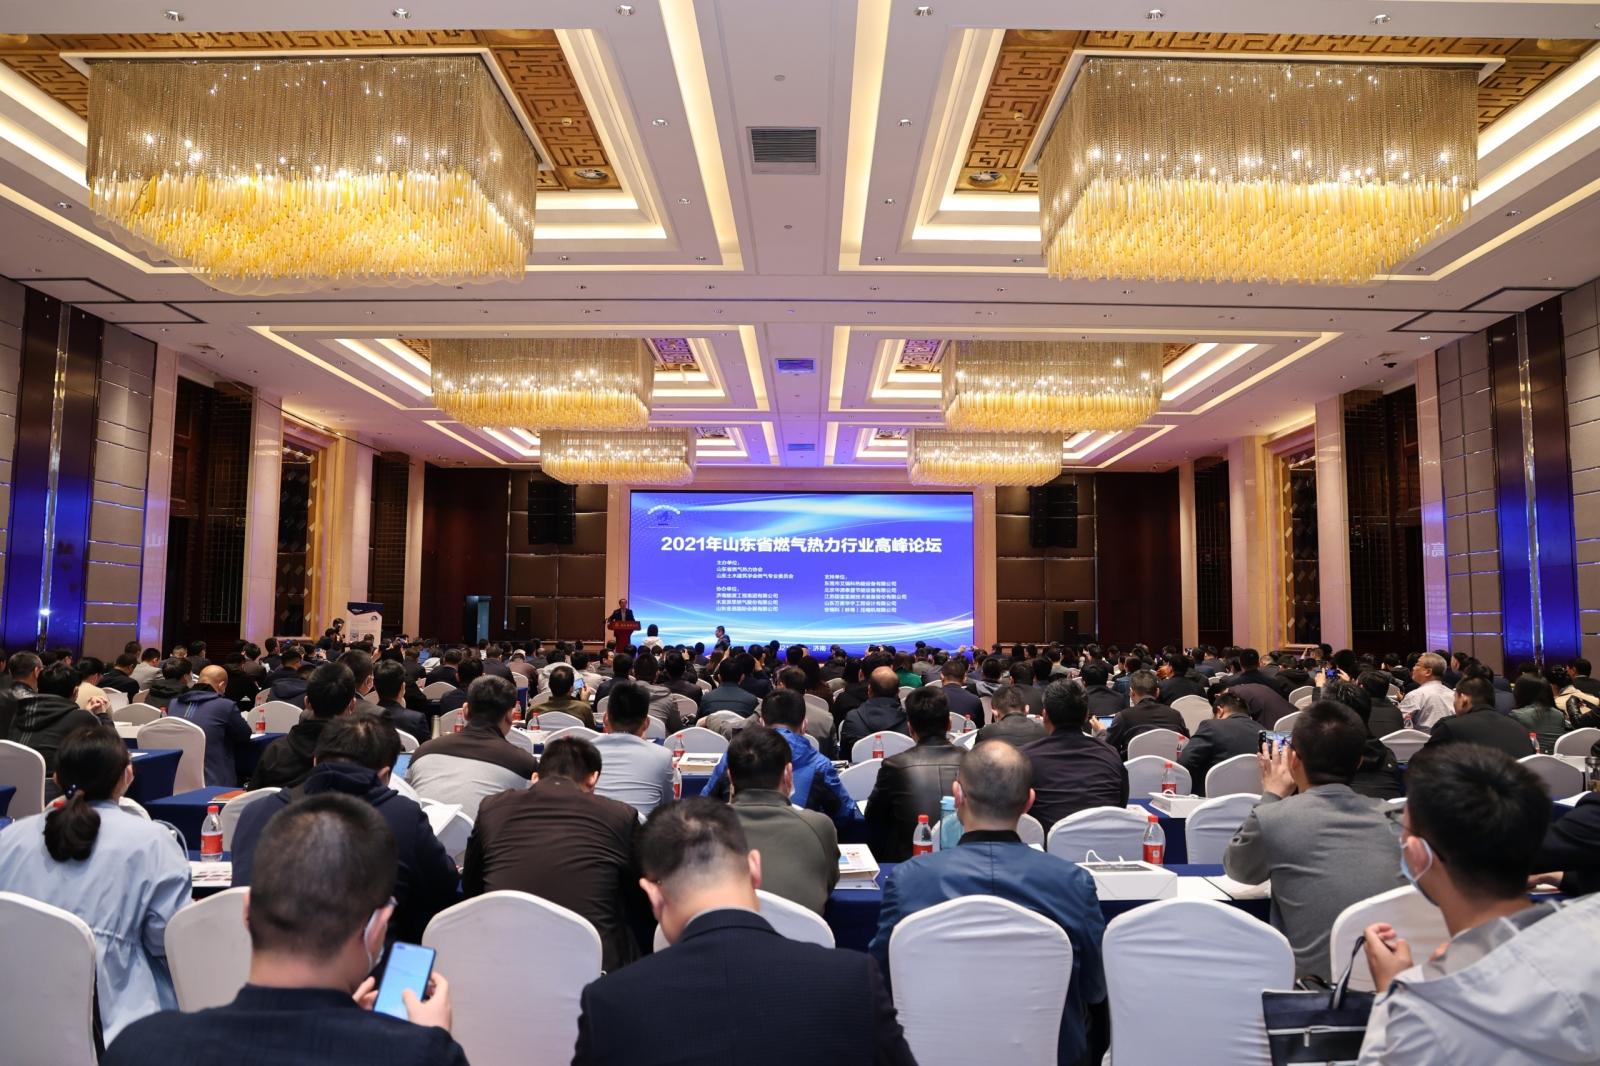 2021年山东省燃气热力行业高峰论坛会在济召开